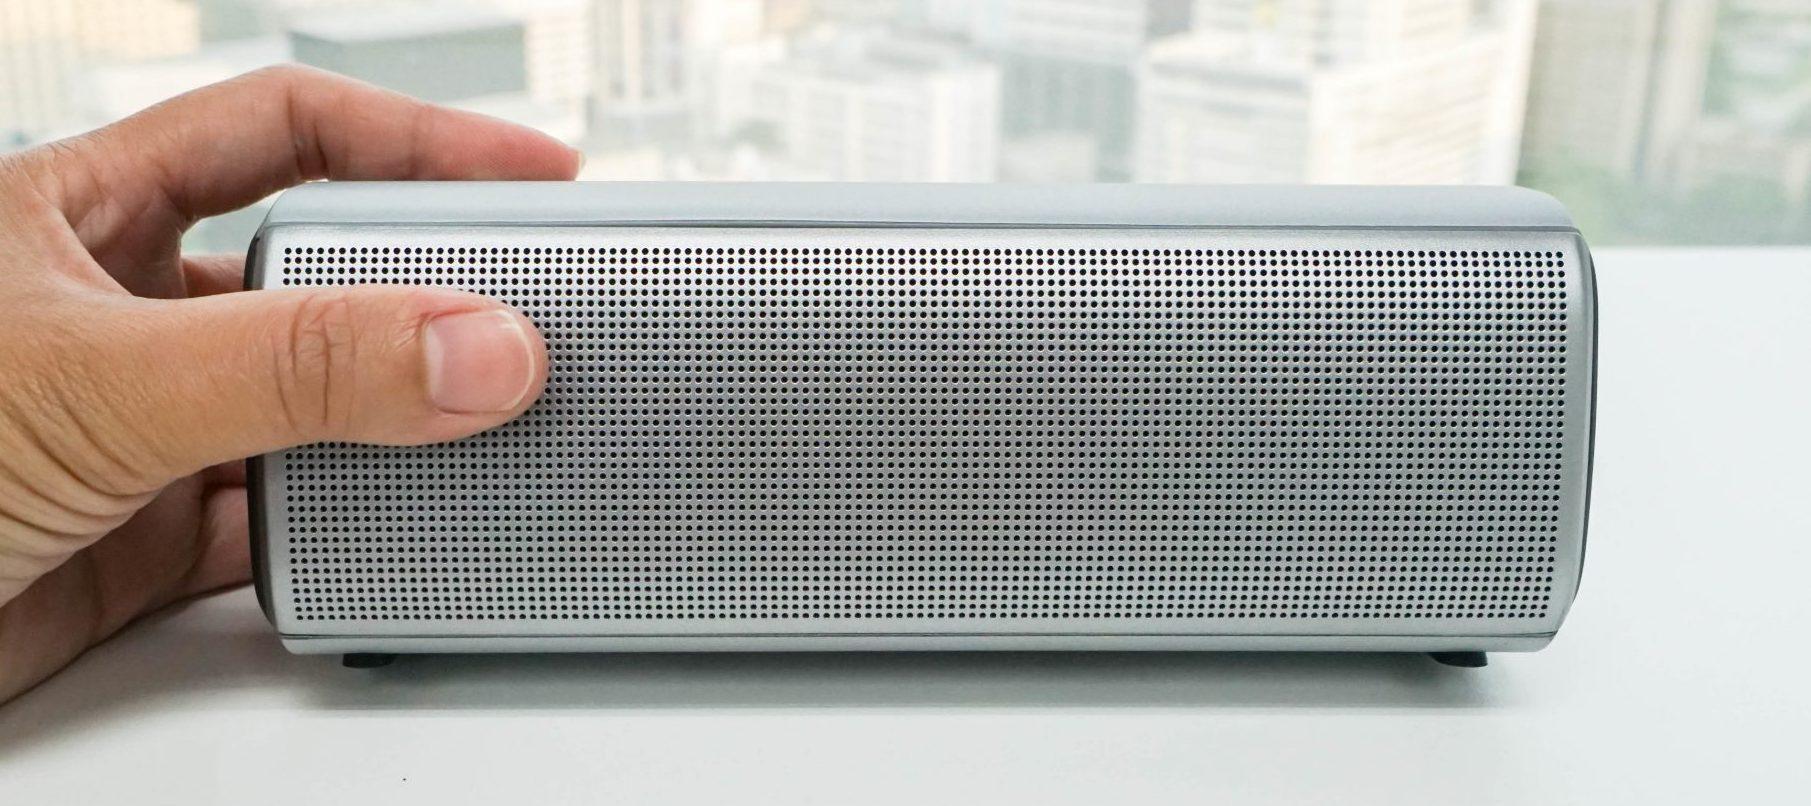 Barras de sonido Samsung: ¿Cuál es el mejor de 2021?